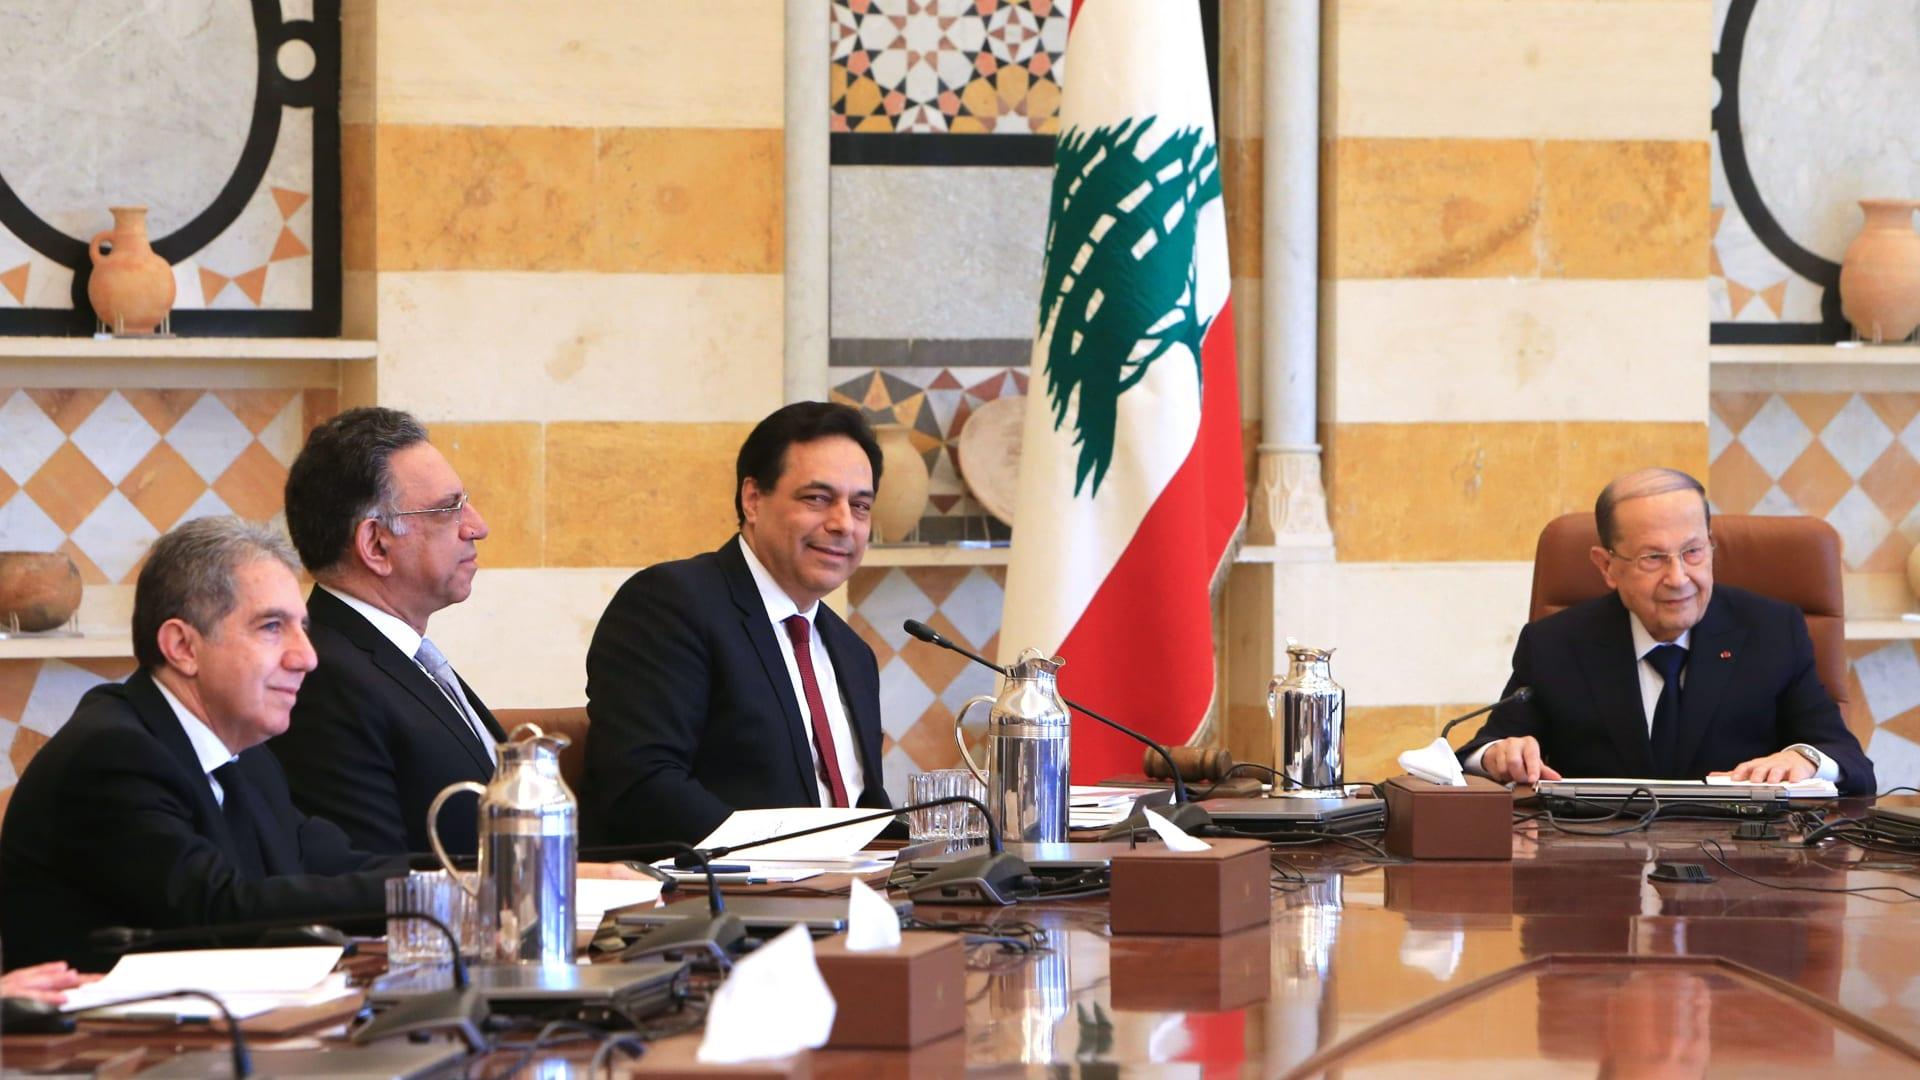 الرئيس اللبناني ميشال عون ورئيس حكومة تصرف الأعمال حسان دياب